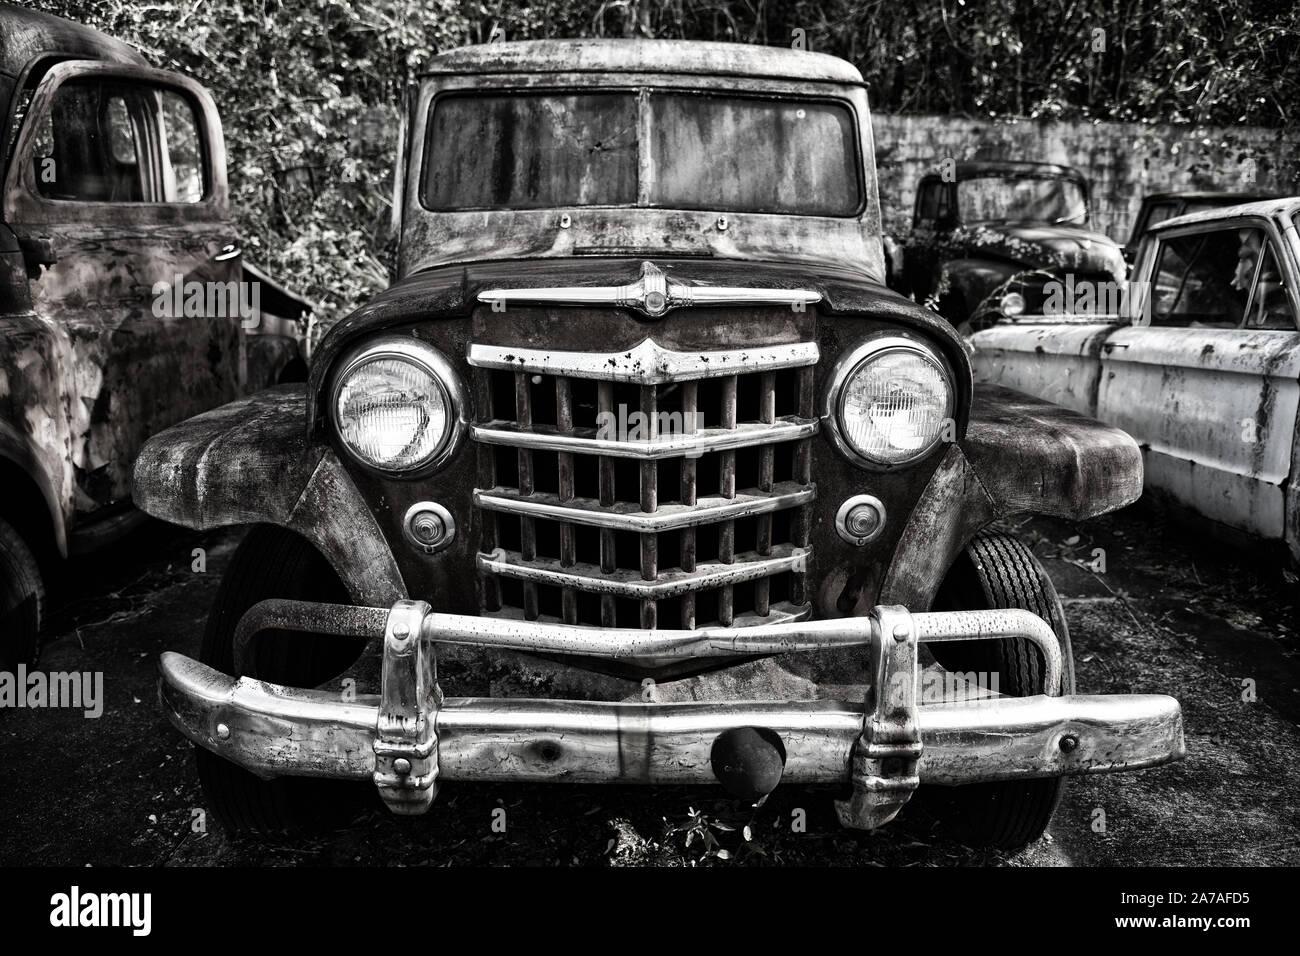 Imagen cercana de la parte delantera de un viejo camión de chatarra en un basurero Foto de stock